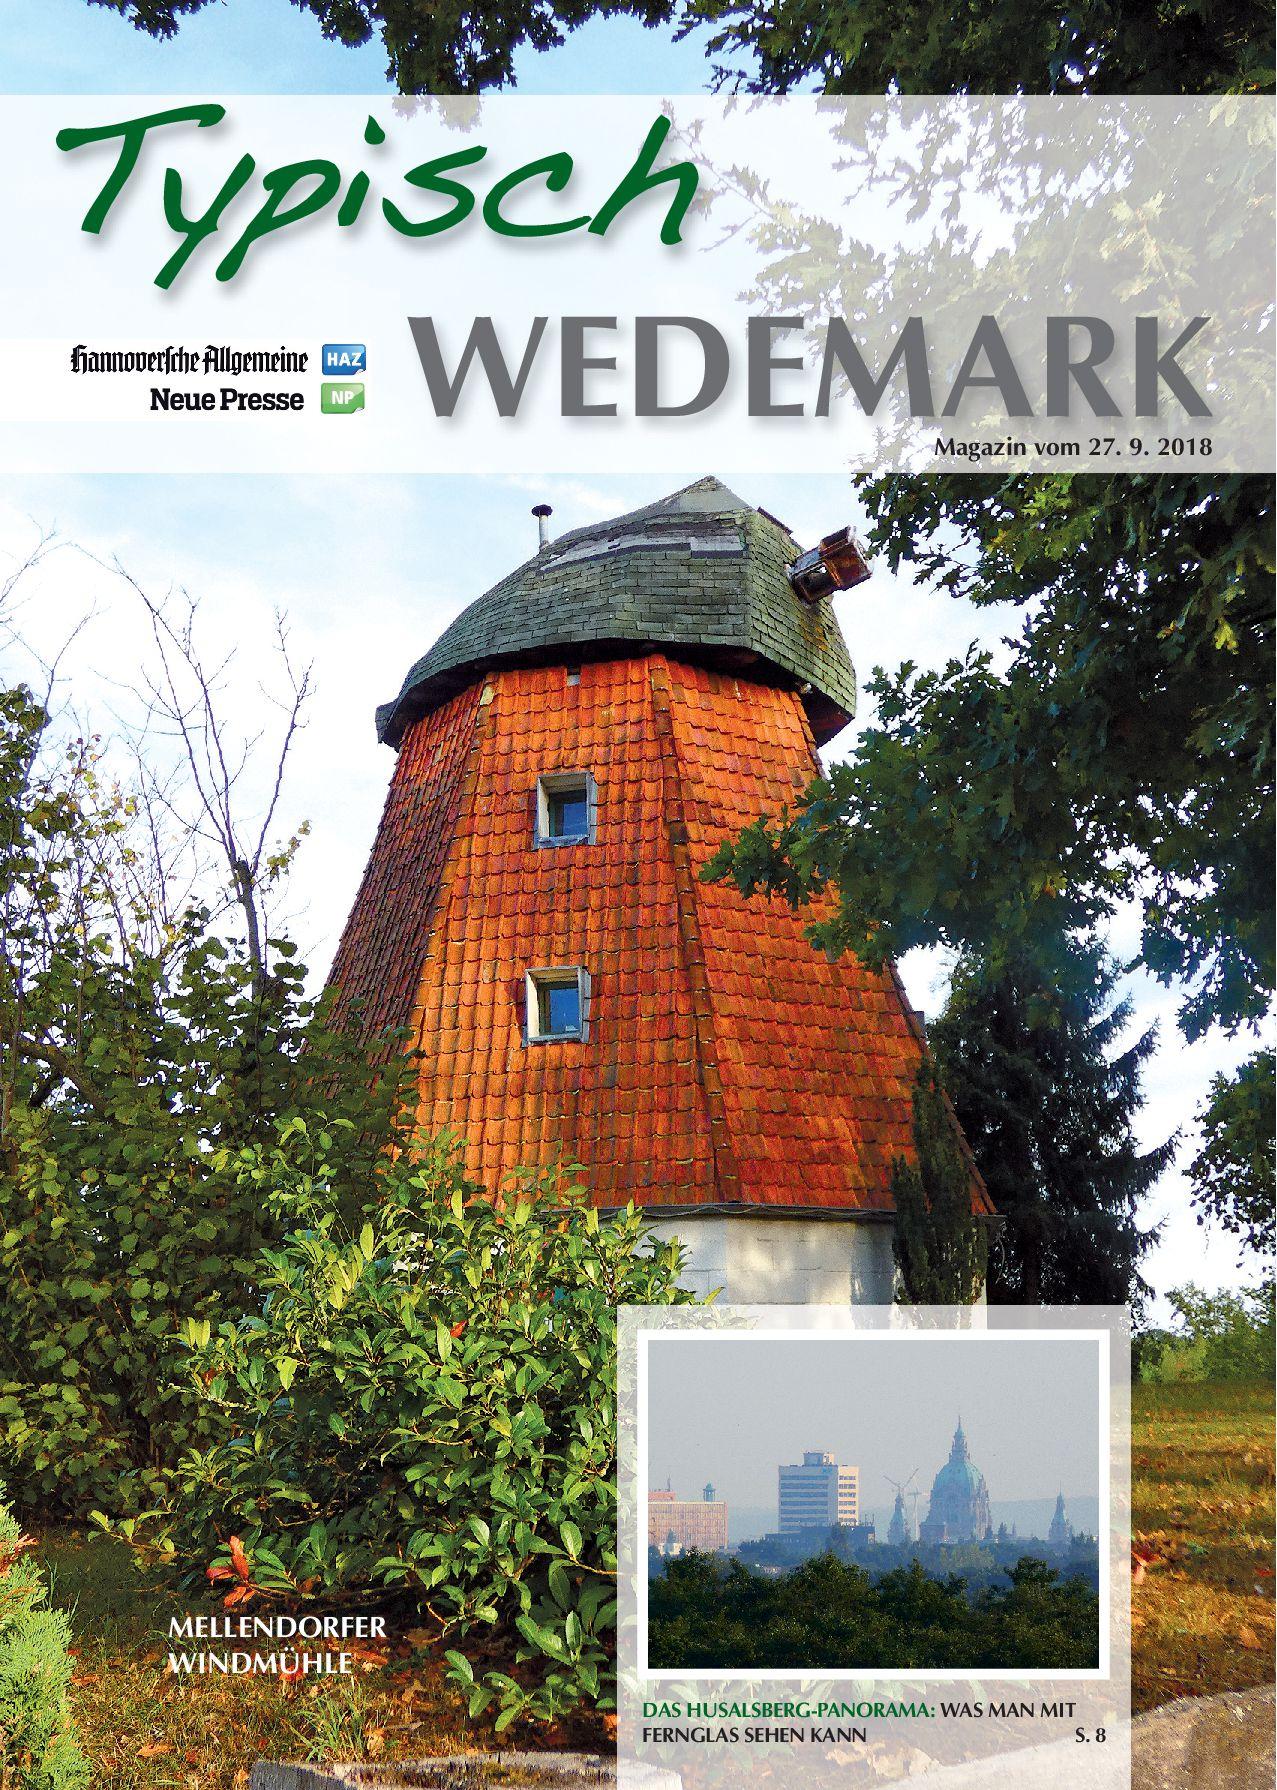 wedemark-vom-27-09-2018